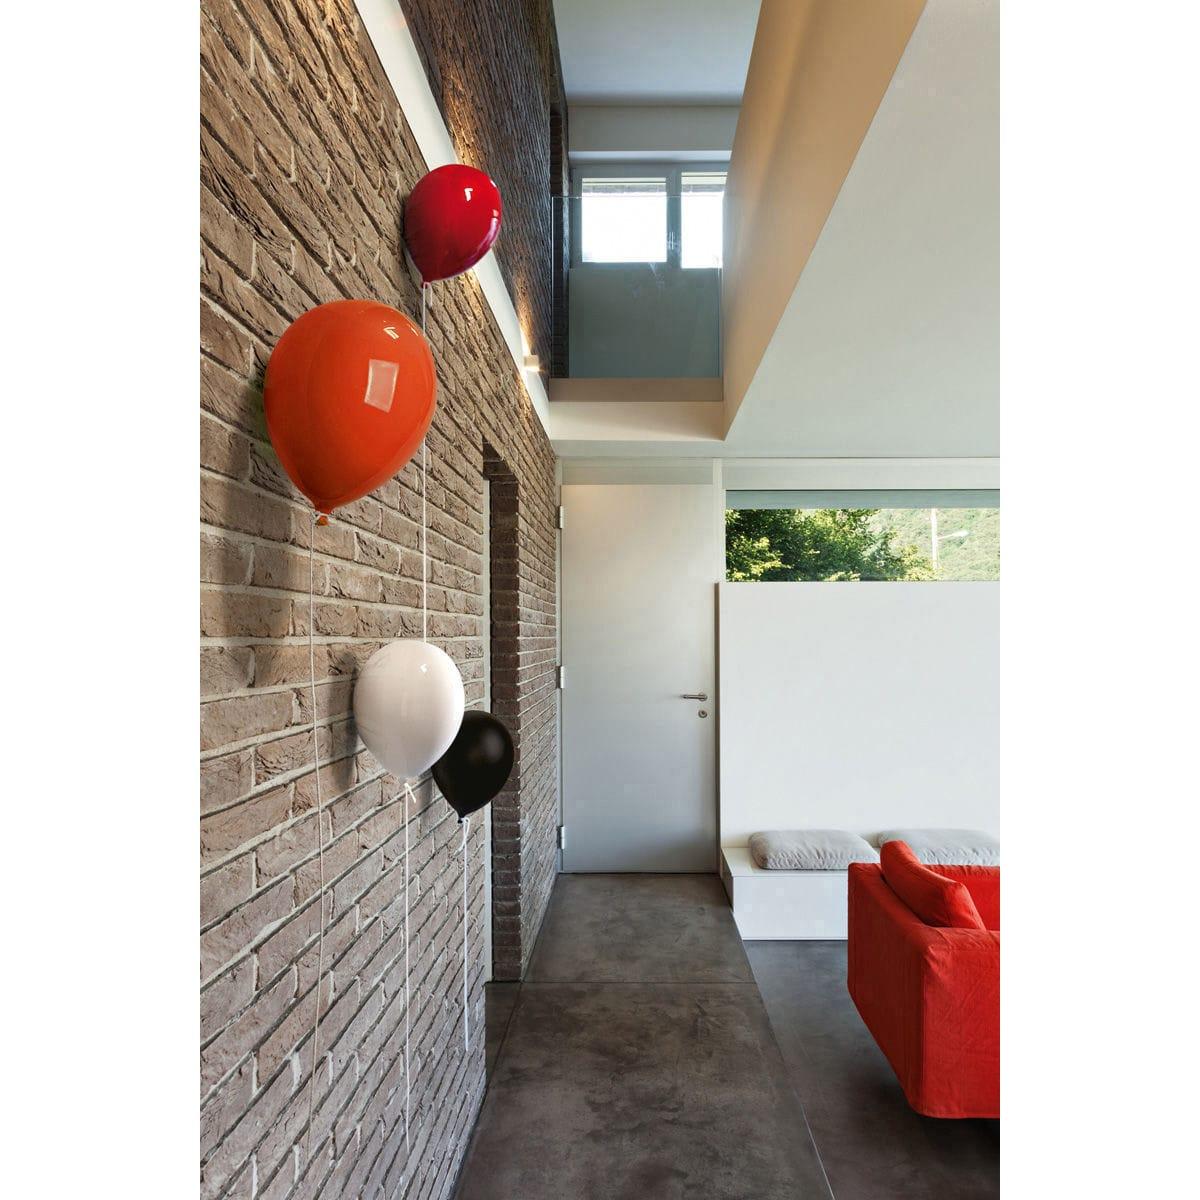 Palloncino decorativo in ceramica Balloon bianco, arancione, rosso e nero su parete